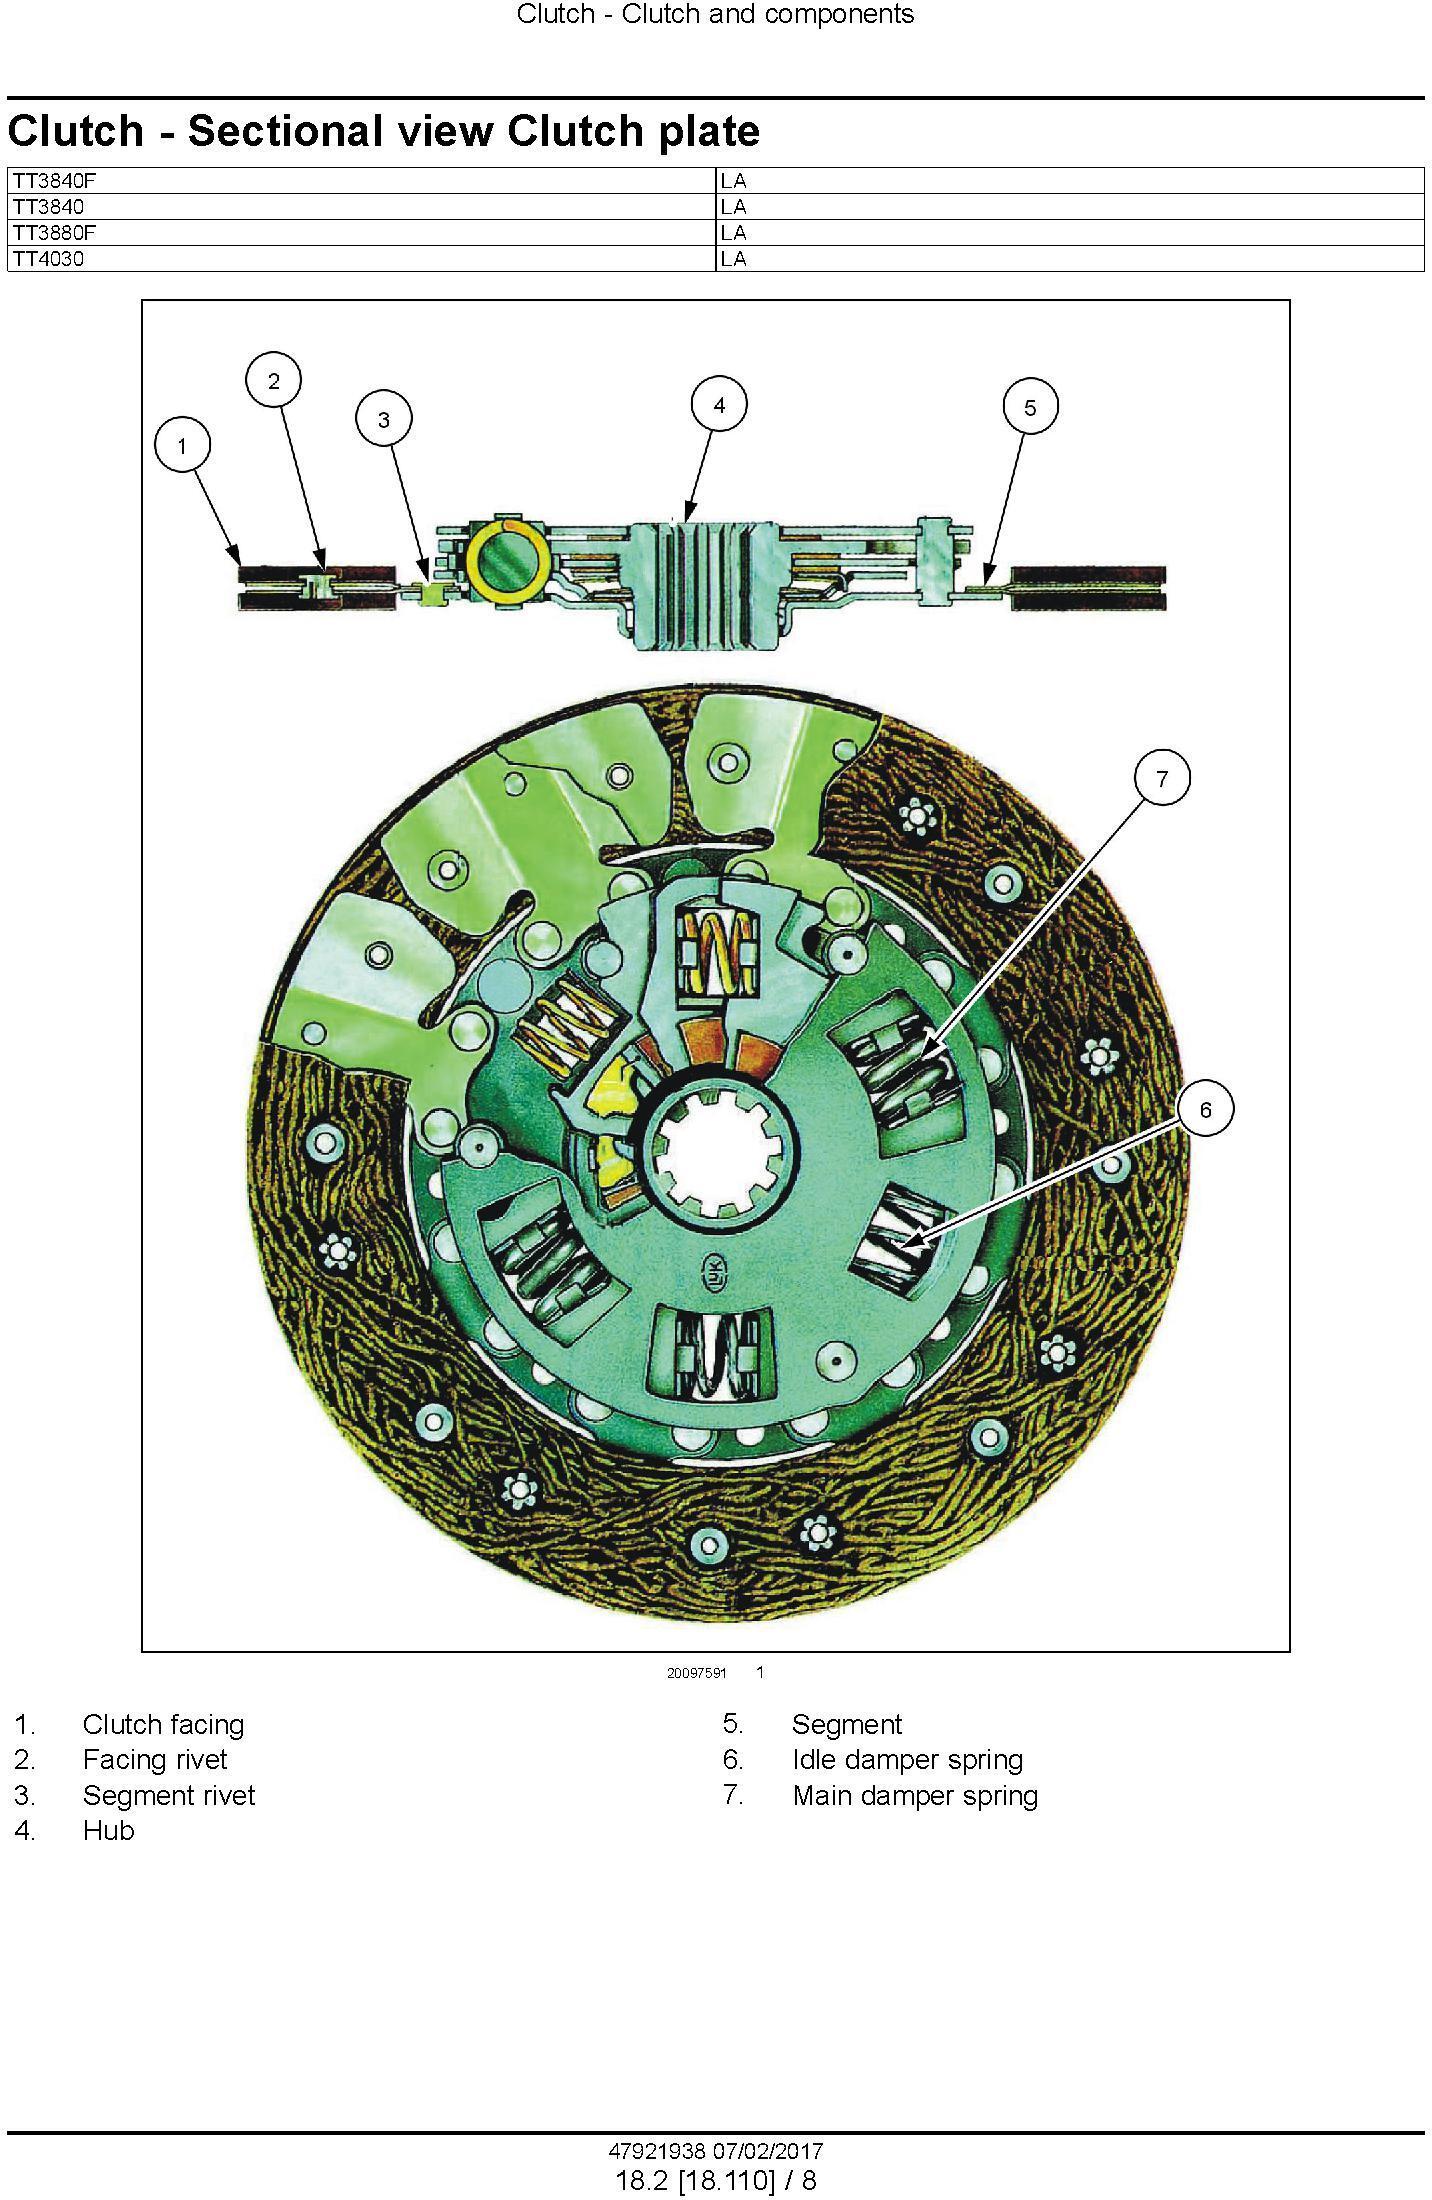 New Holland TT3840, TT3840F, TT4030, TT3880F Tractor Service Manual (Latin America) - 3